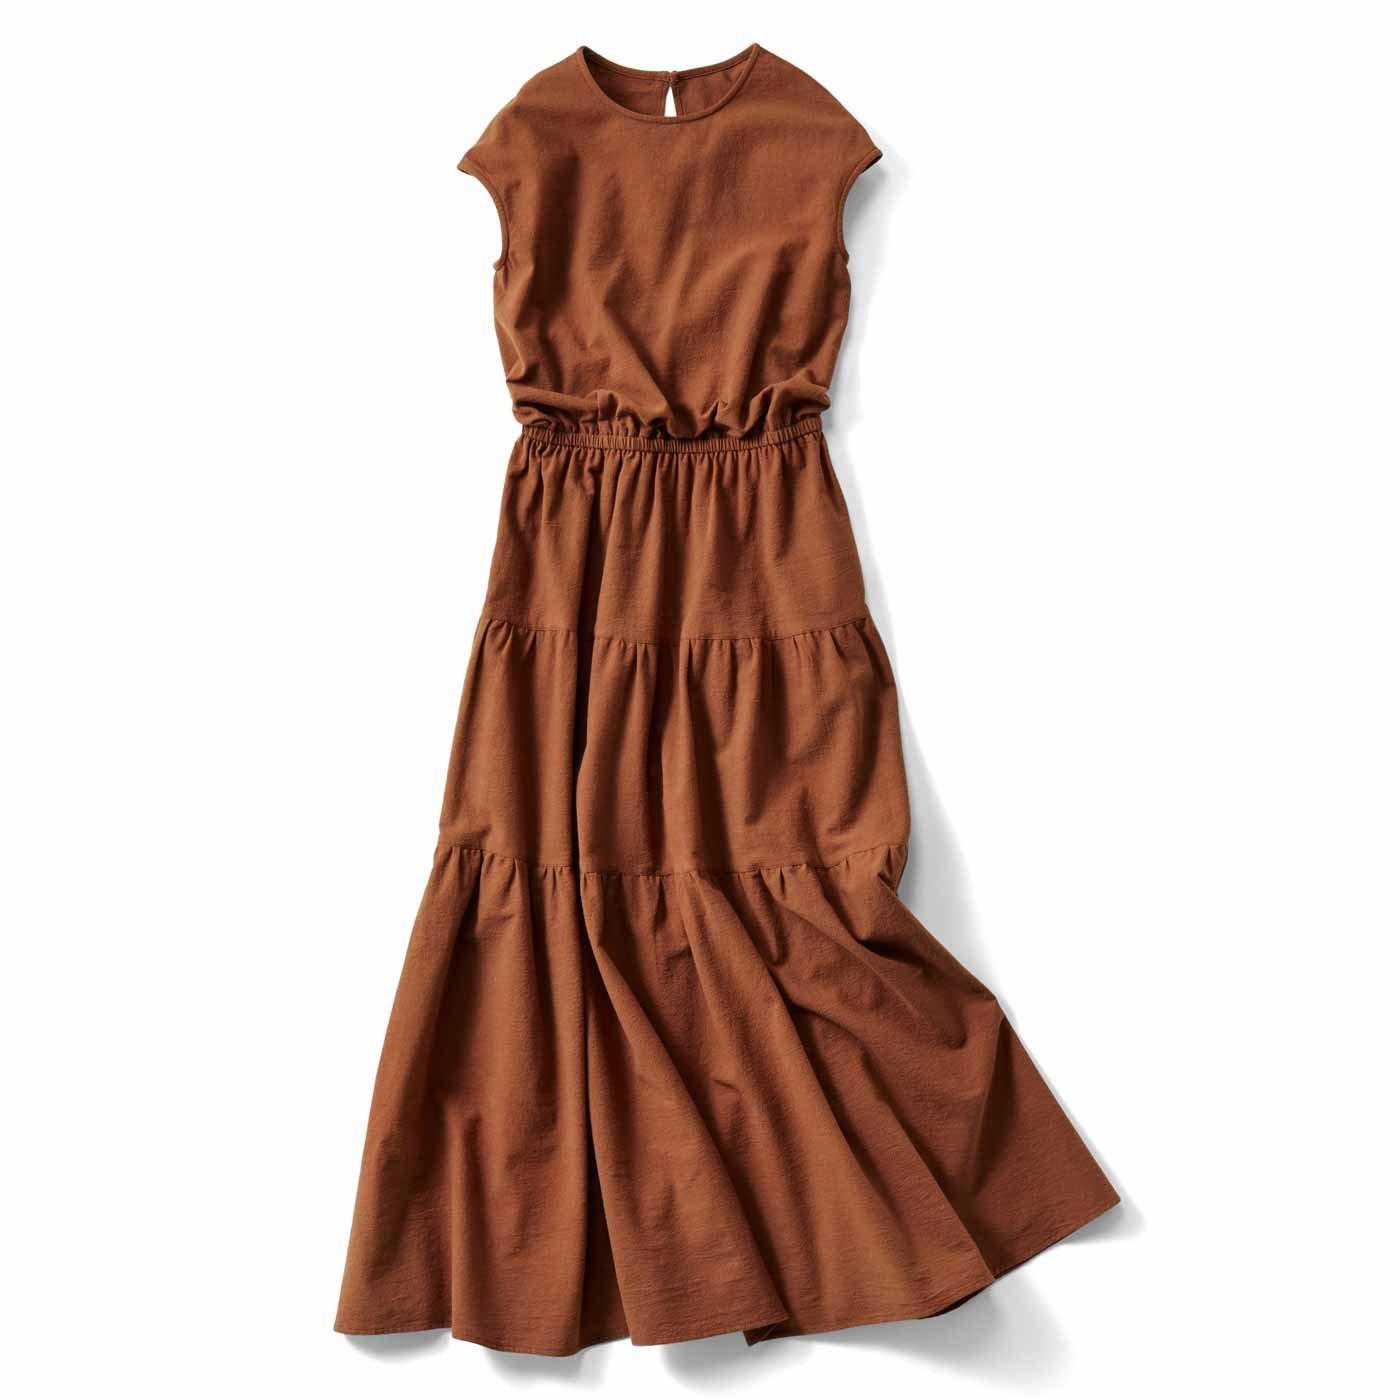 【3~10日でお届け】IEDIT[イディット] ティアードデザインの大人サマードレス〈テラコッタブラウン〉